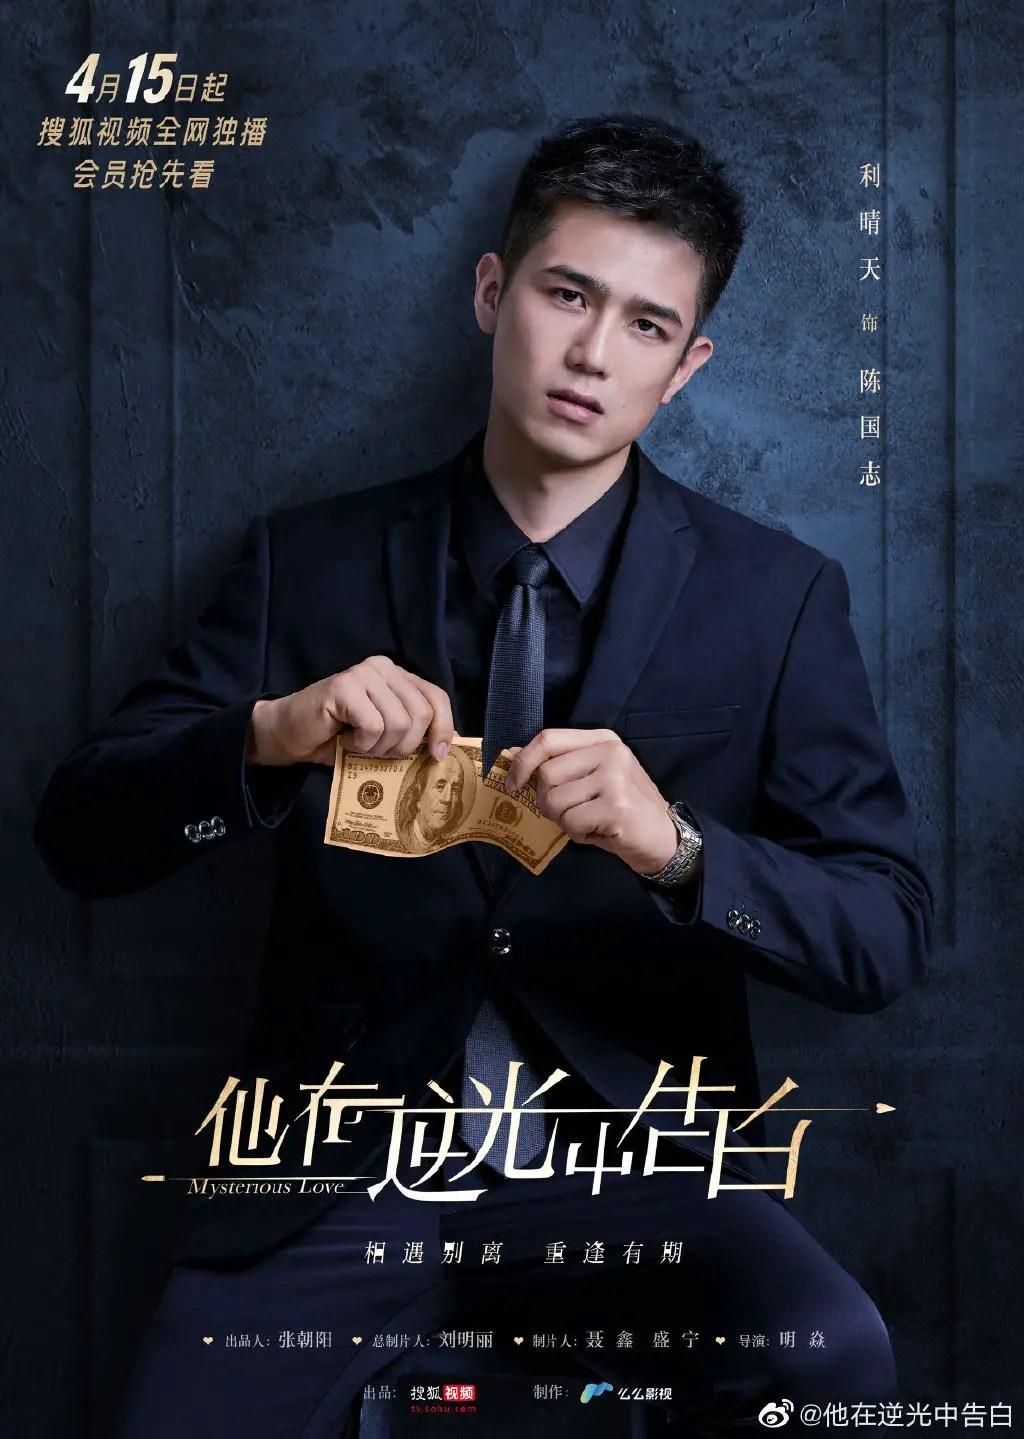 Li Qing Tian